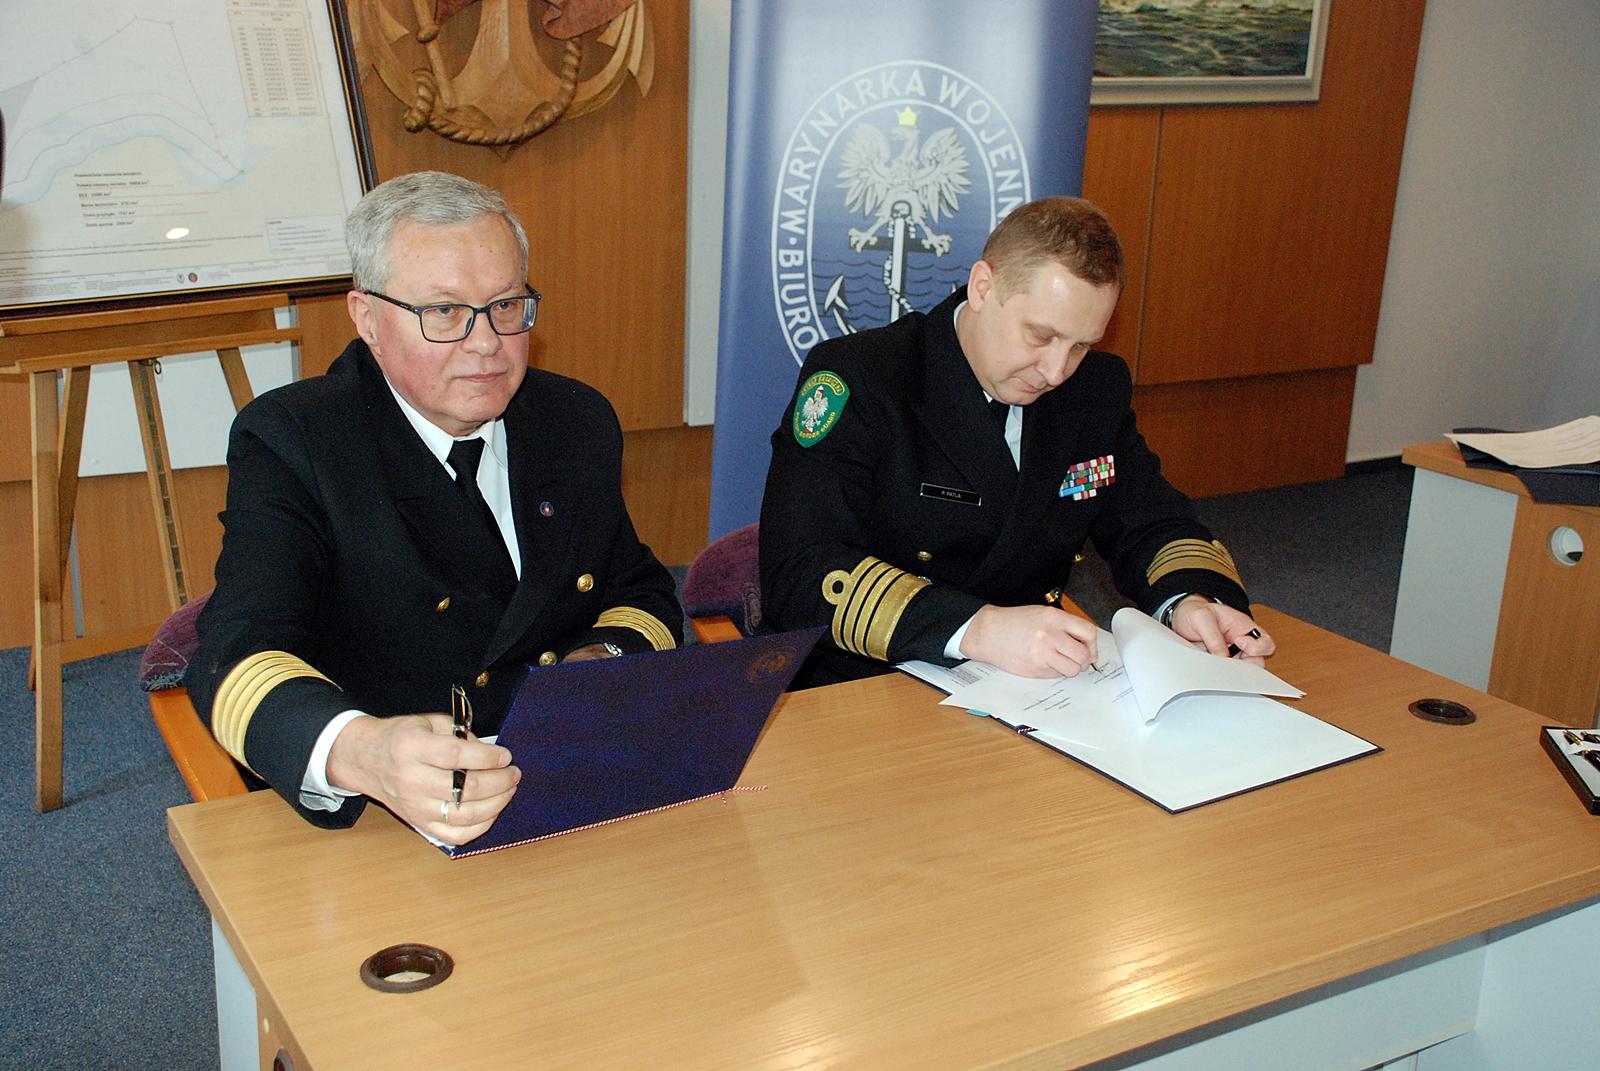 Dyrektor Urzędu Morskiego w Gdyni, Wiesław Piotrzkowski i Komendant MOSG, kmdr dr Piotr Patla